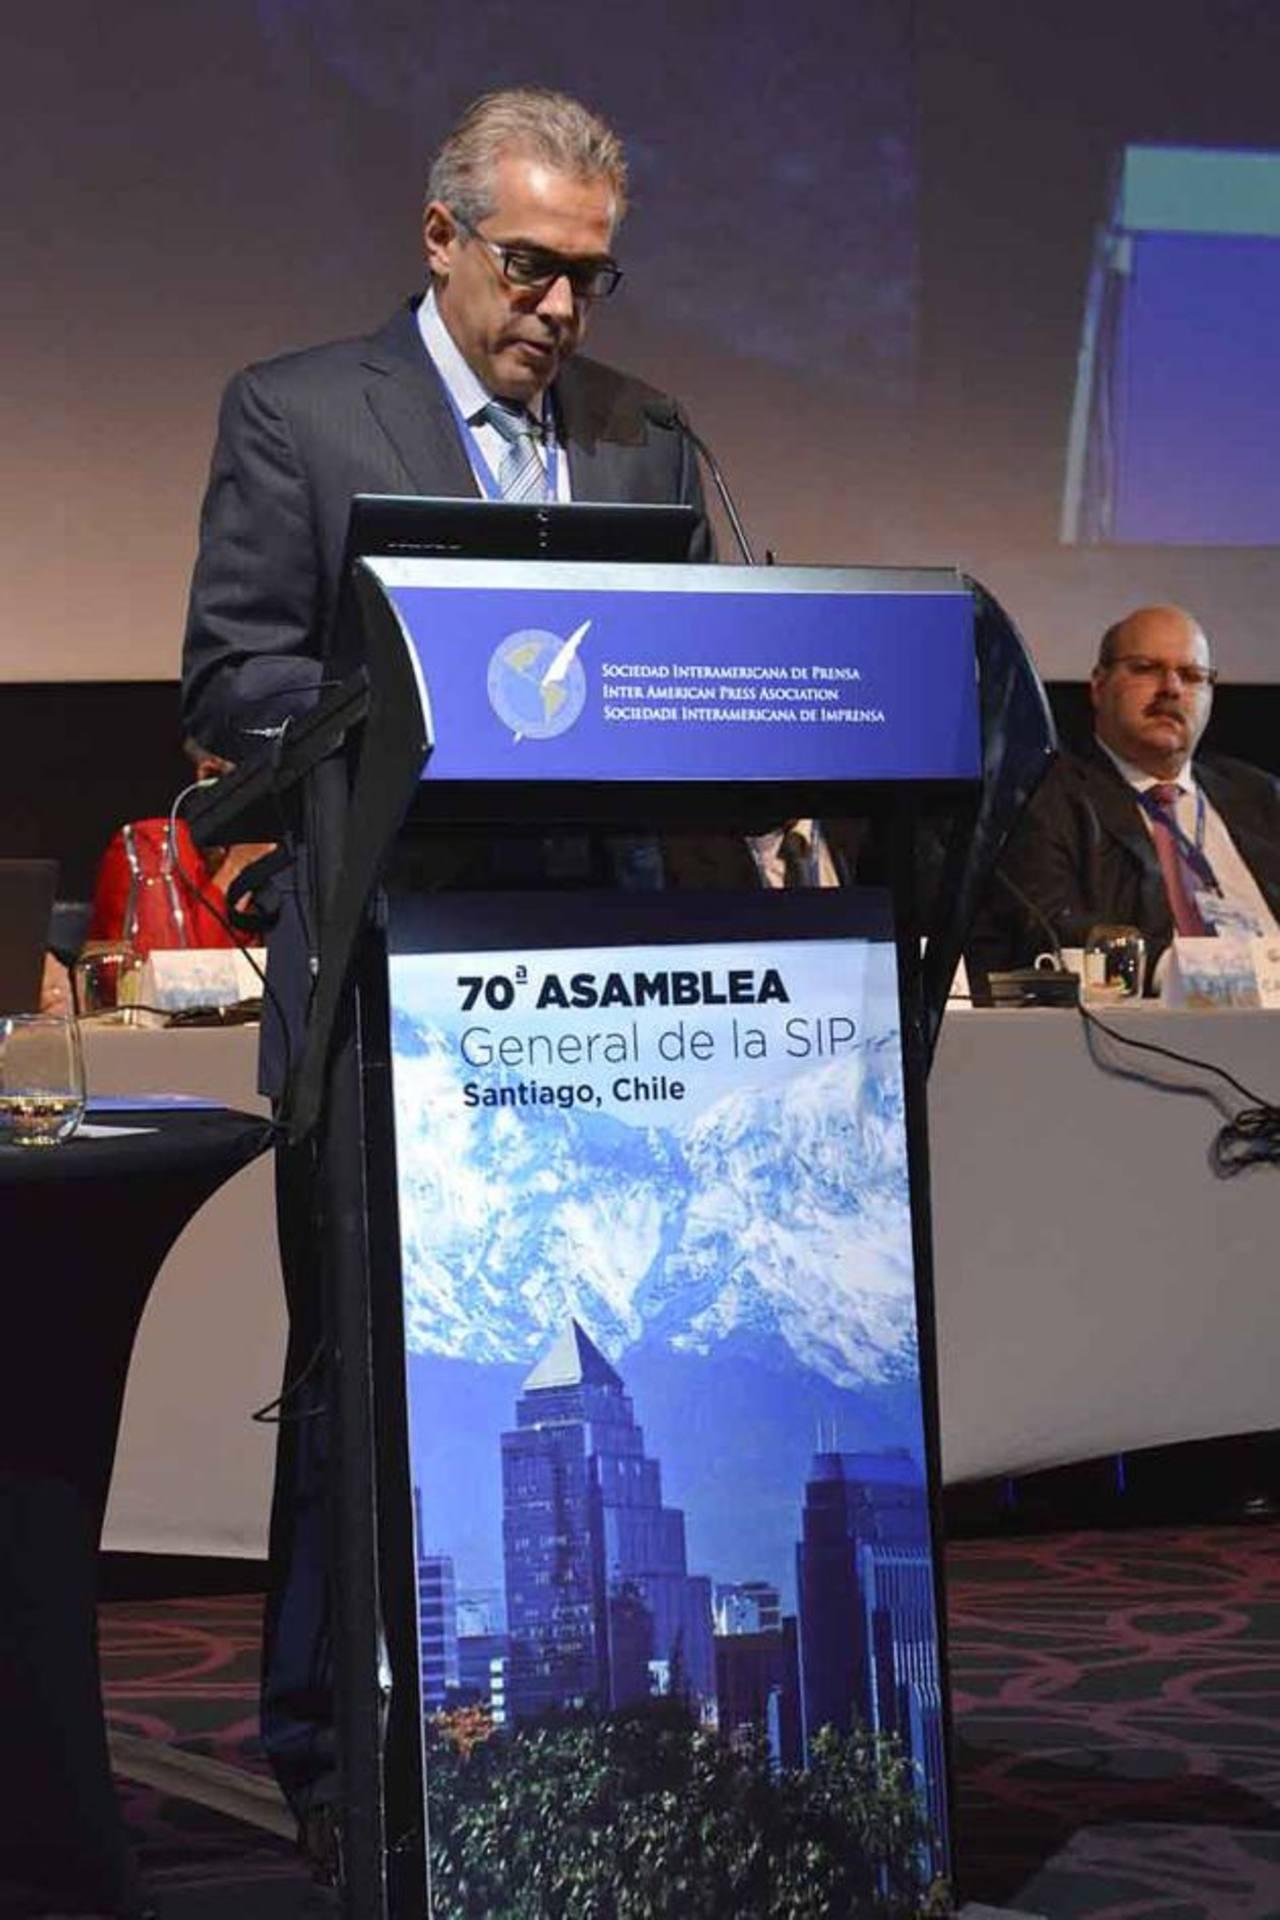 José Rodolfo Dutriz, vicepresidente regional-El Salvador de la SIP, lee el informe ante la Asamblea en Chile. foto cortesía